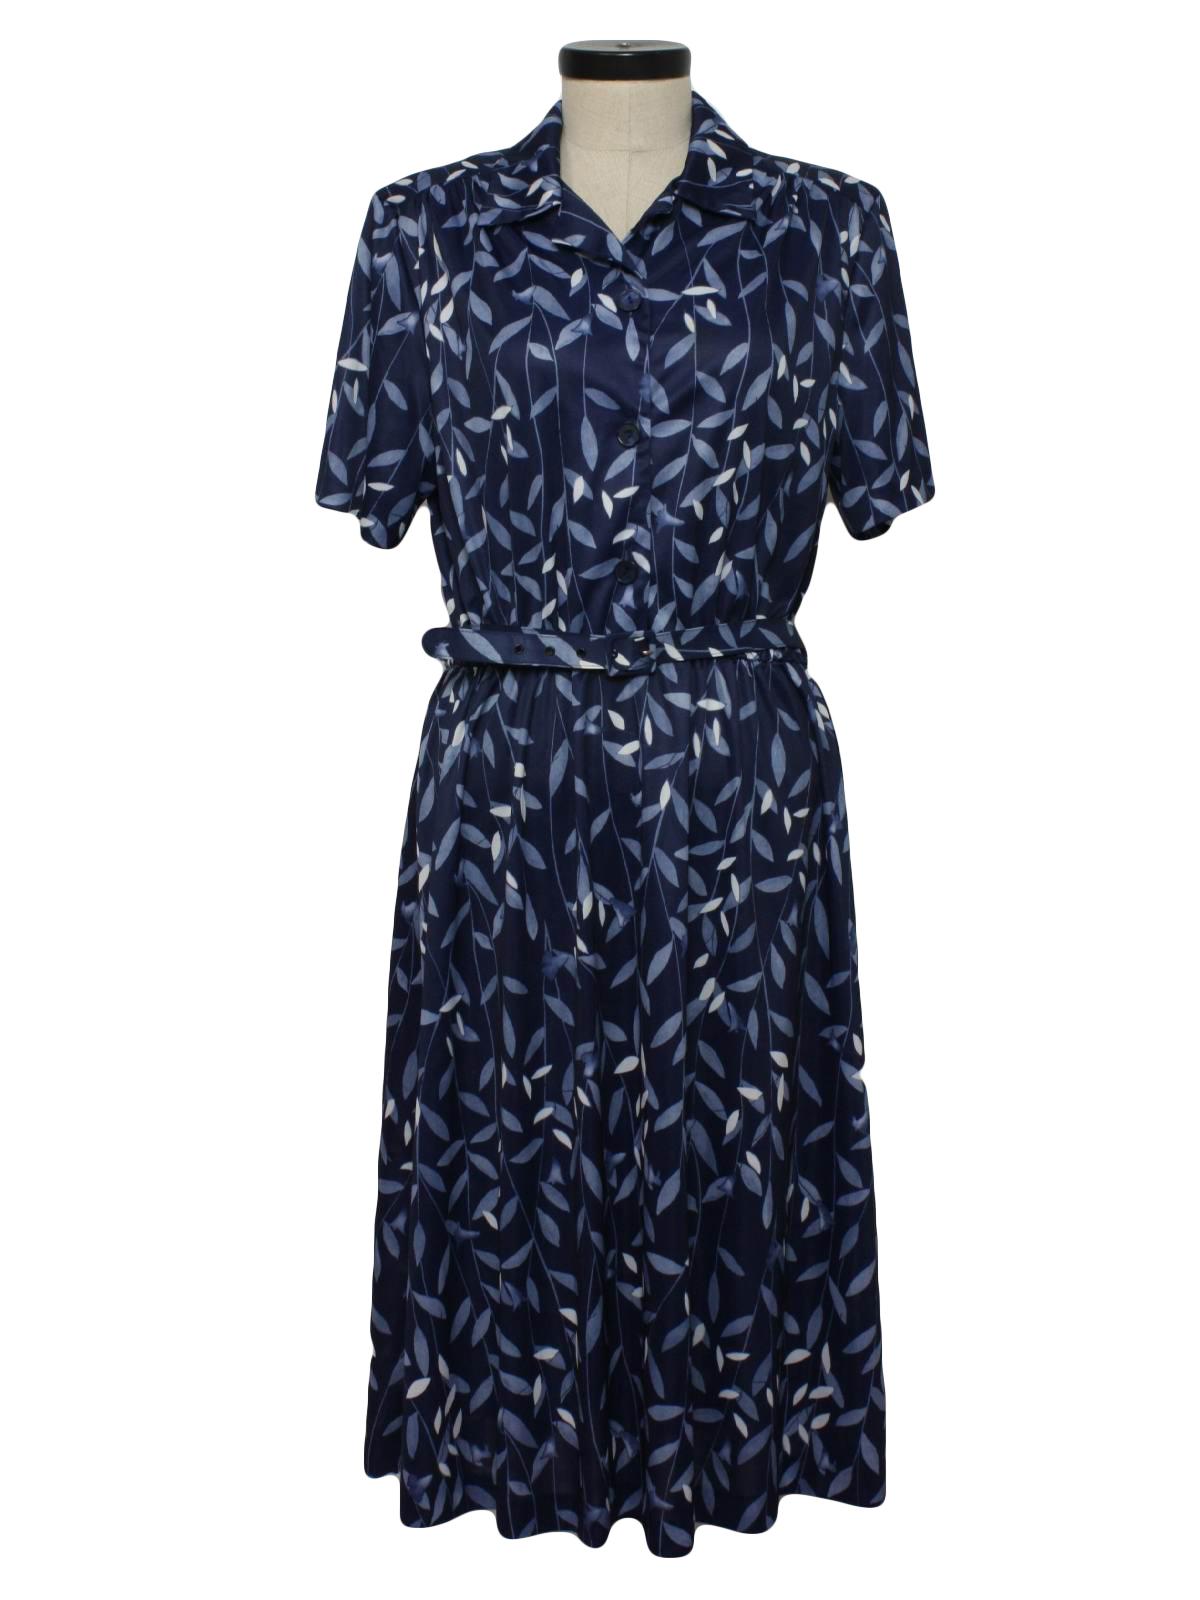 80s Retro Disco Dress 80s Blair Boutique Womens Navy